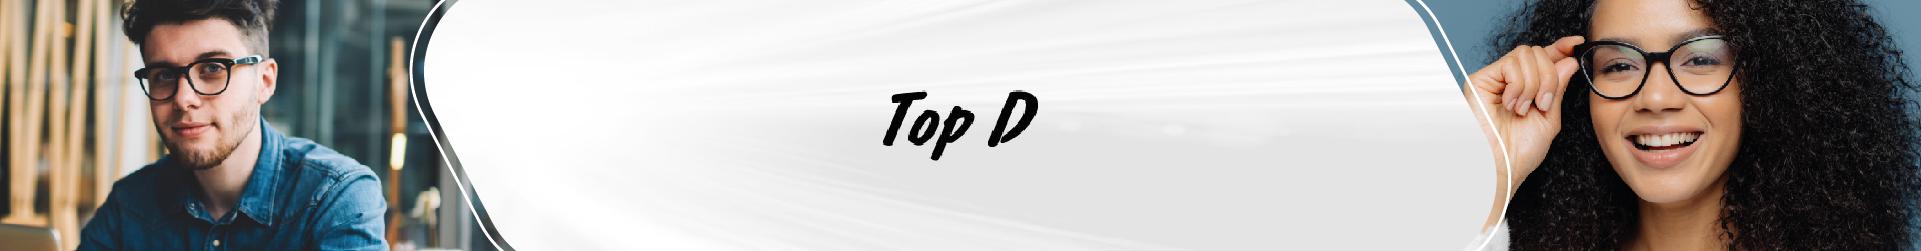 Top D